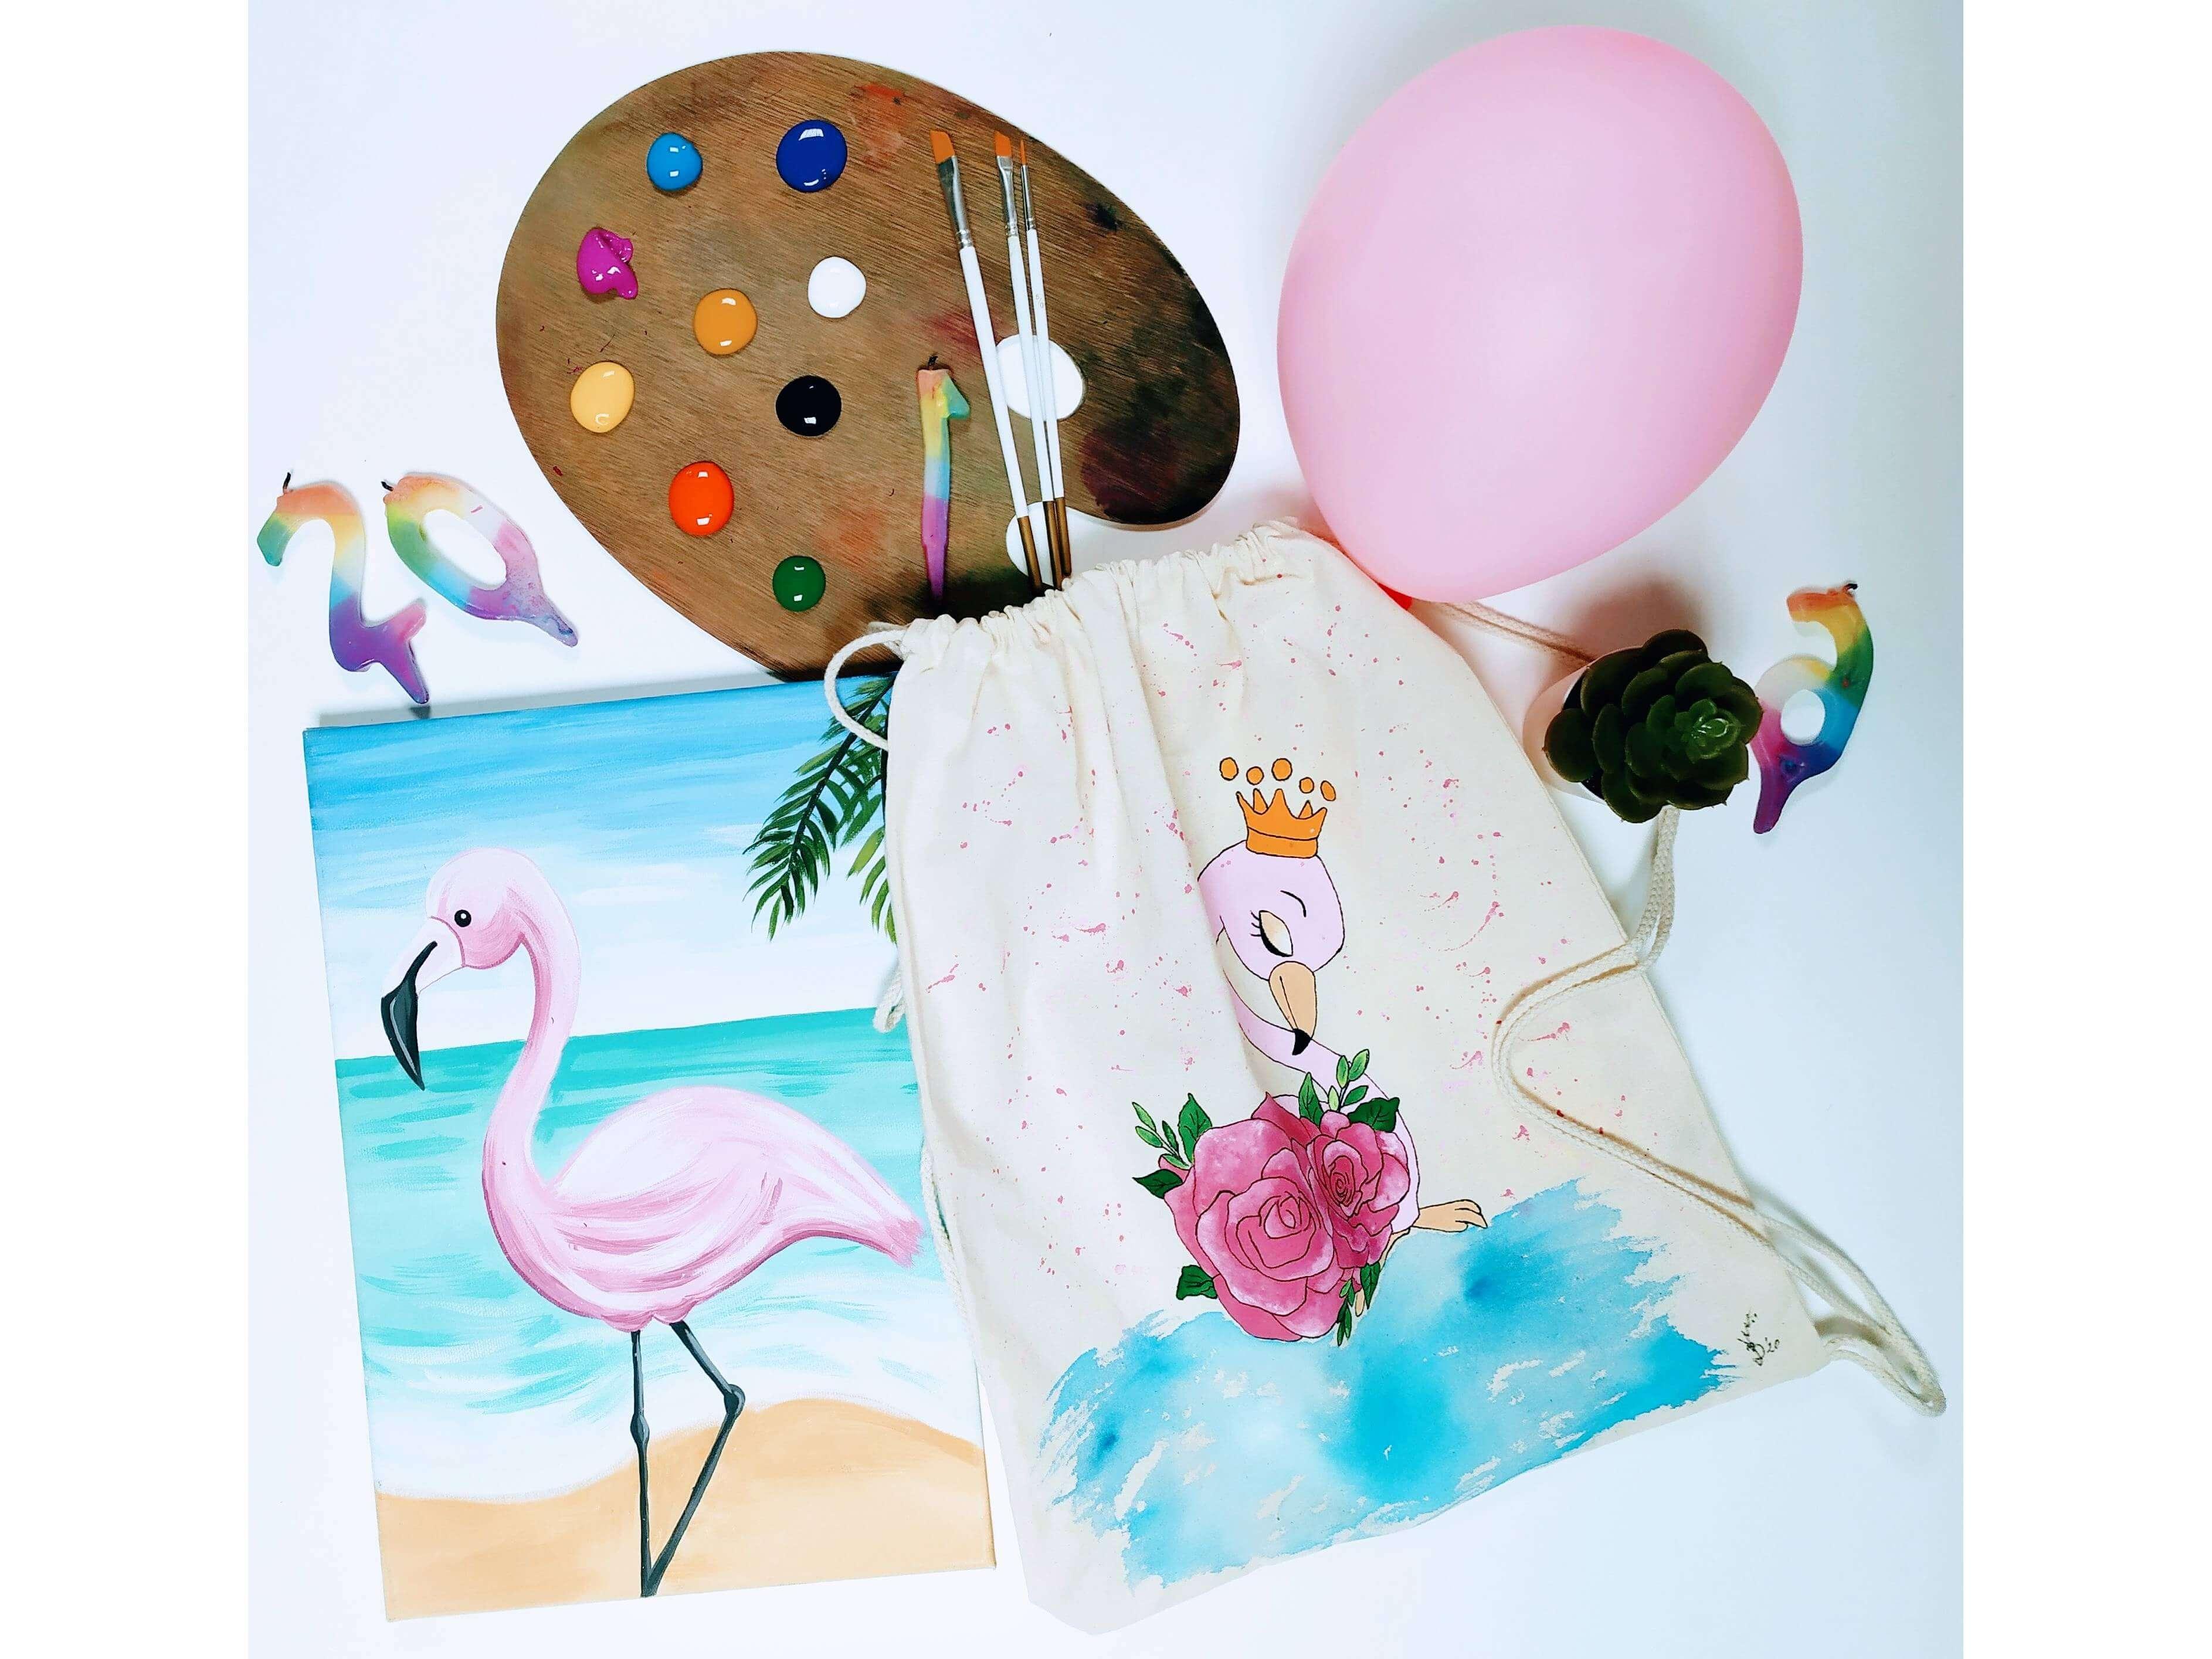 Рисуване за деца на картина и текстилни раници. 14.11.2021 г.